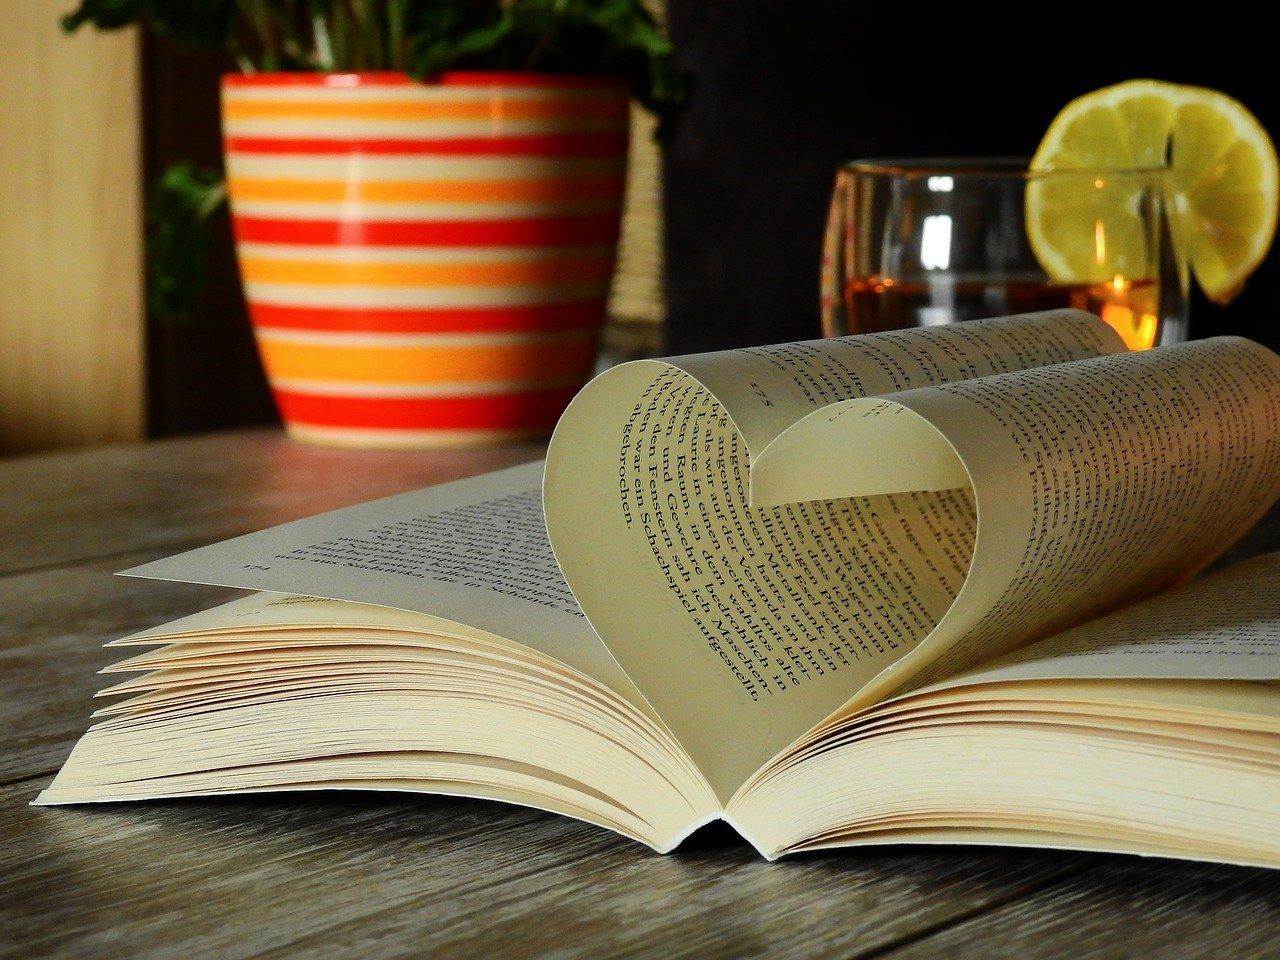 Tecniche di lettura veloce e orientativa